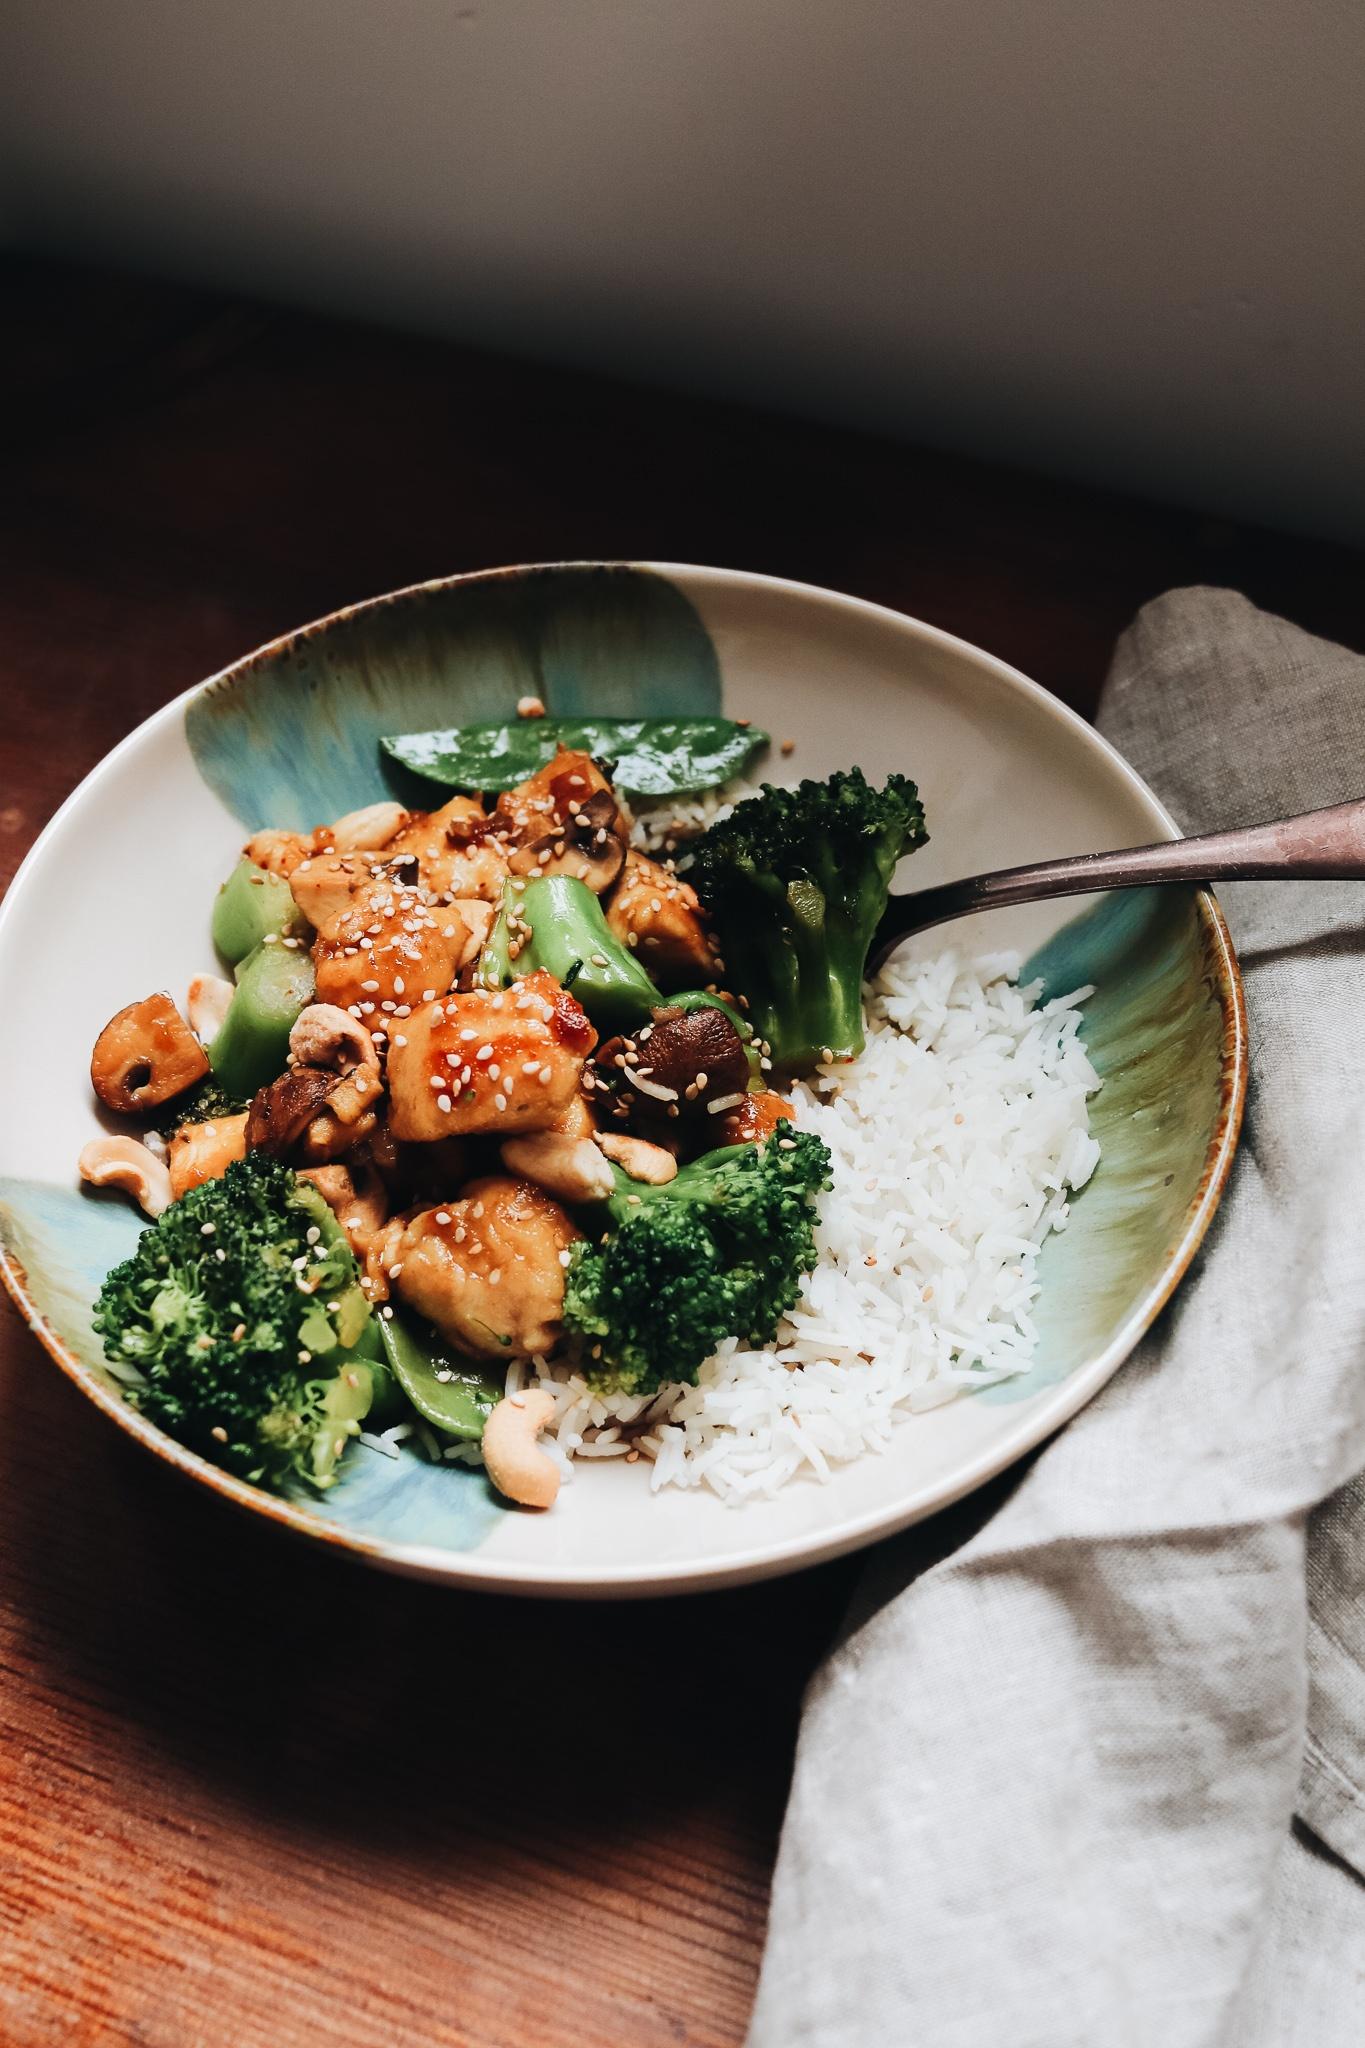 Chicken Cashew mit zarten Bio-Hühnchenfilets, Gemüse und Reis